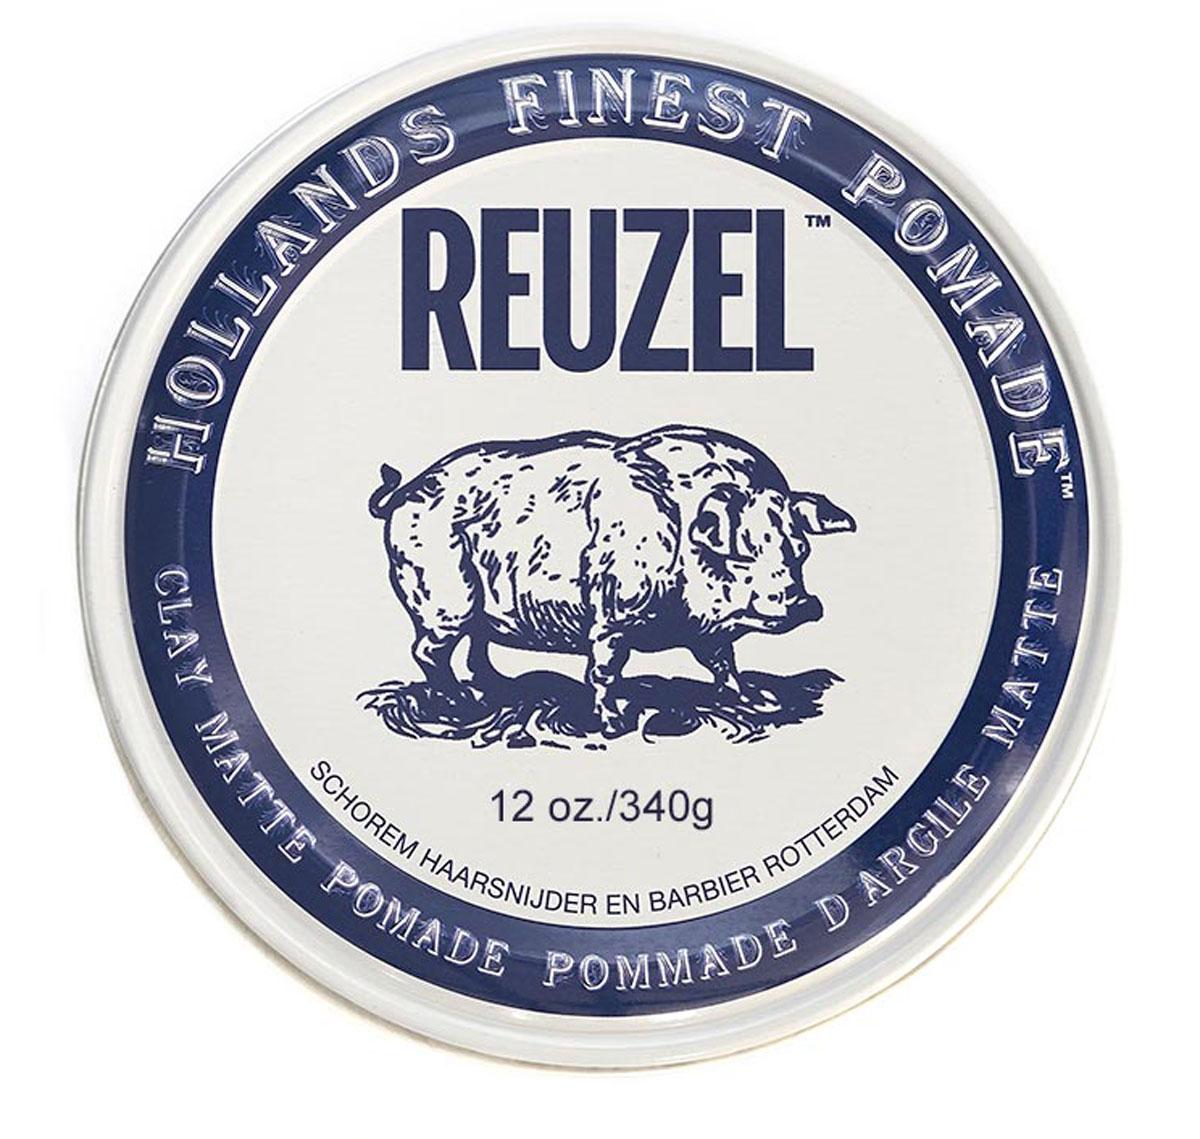 Reuzel матовая глина для укладки волос, белая банка 340 гр lock stock & barrel глина для моделирования с матовым эффектом 85 карат 85 karats shaping clay 100 гр